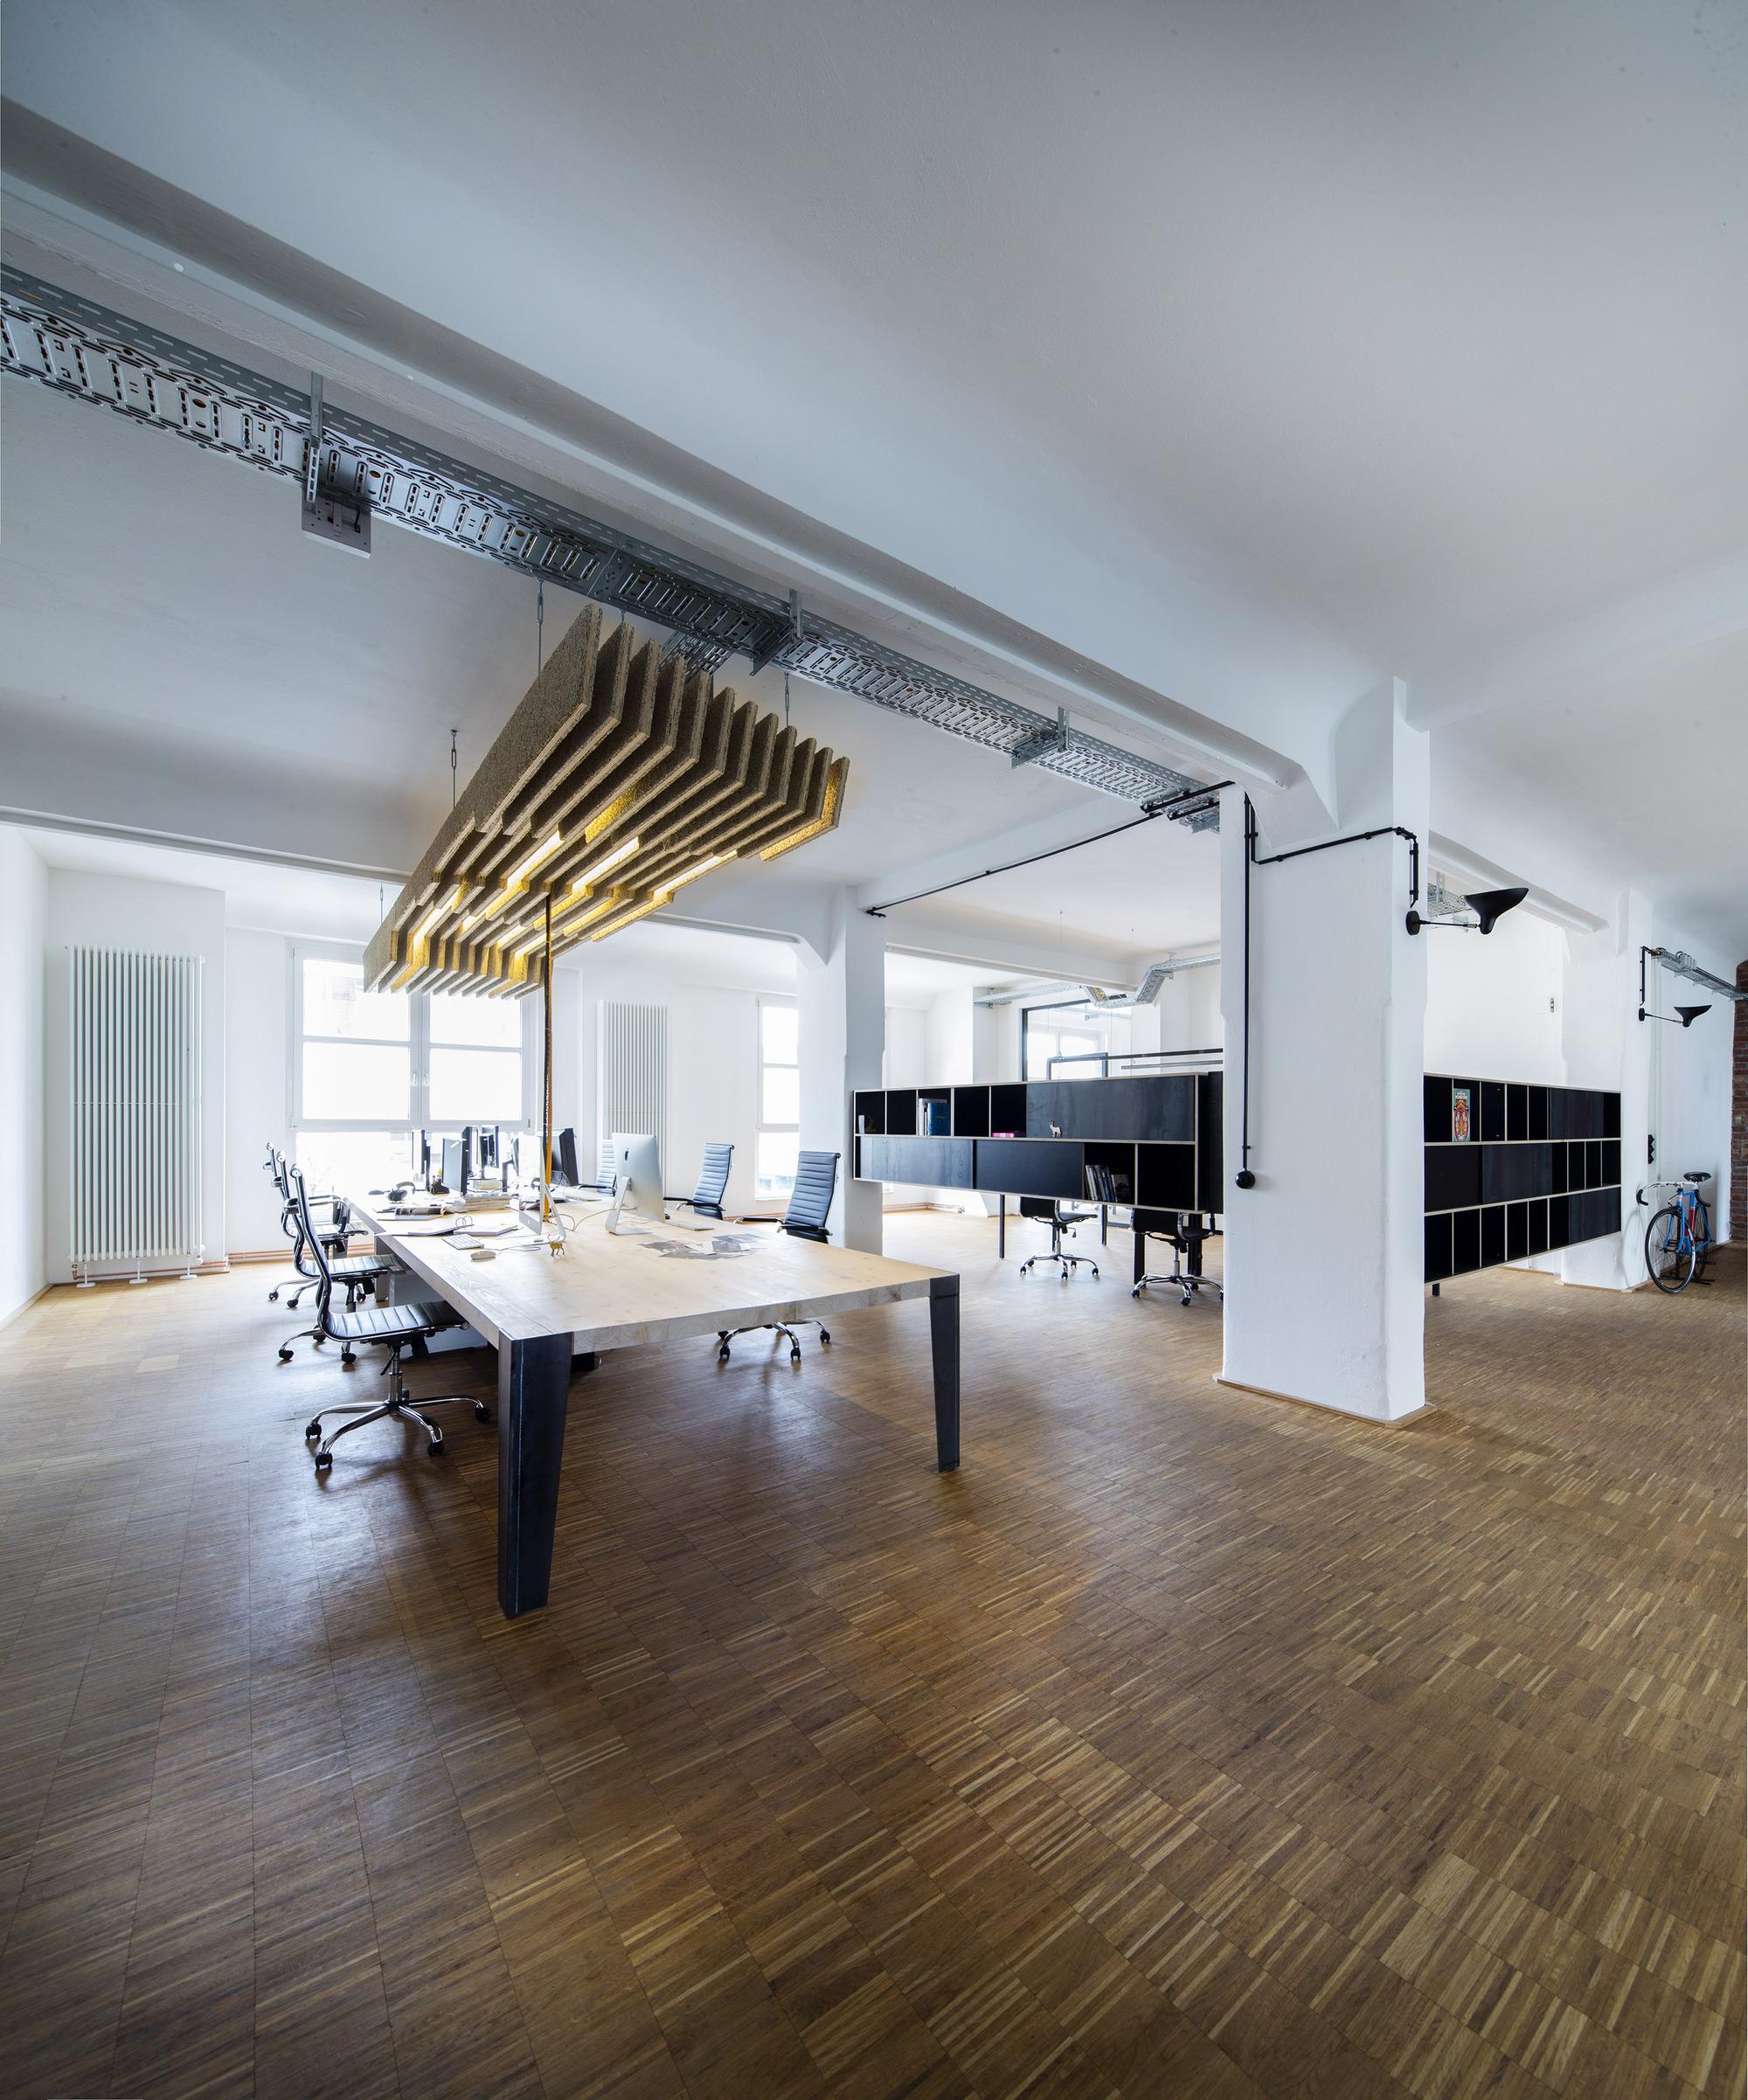 Zum goldenen hirschen office extension sch ne r ume architektur innenarchitektur archdaily - Innenarchitektur frankfurt ...